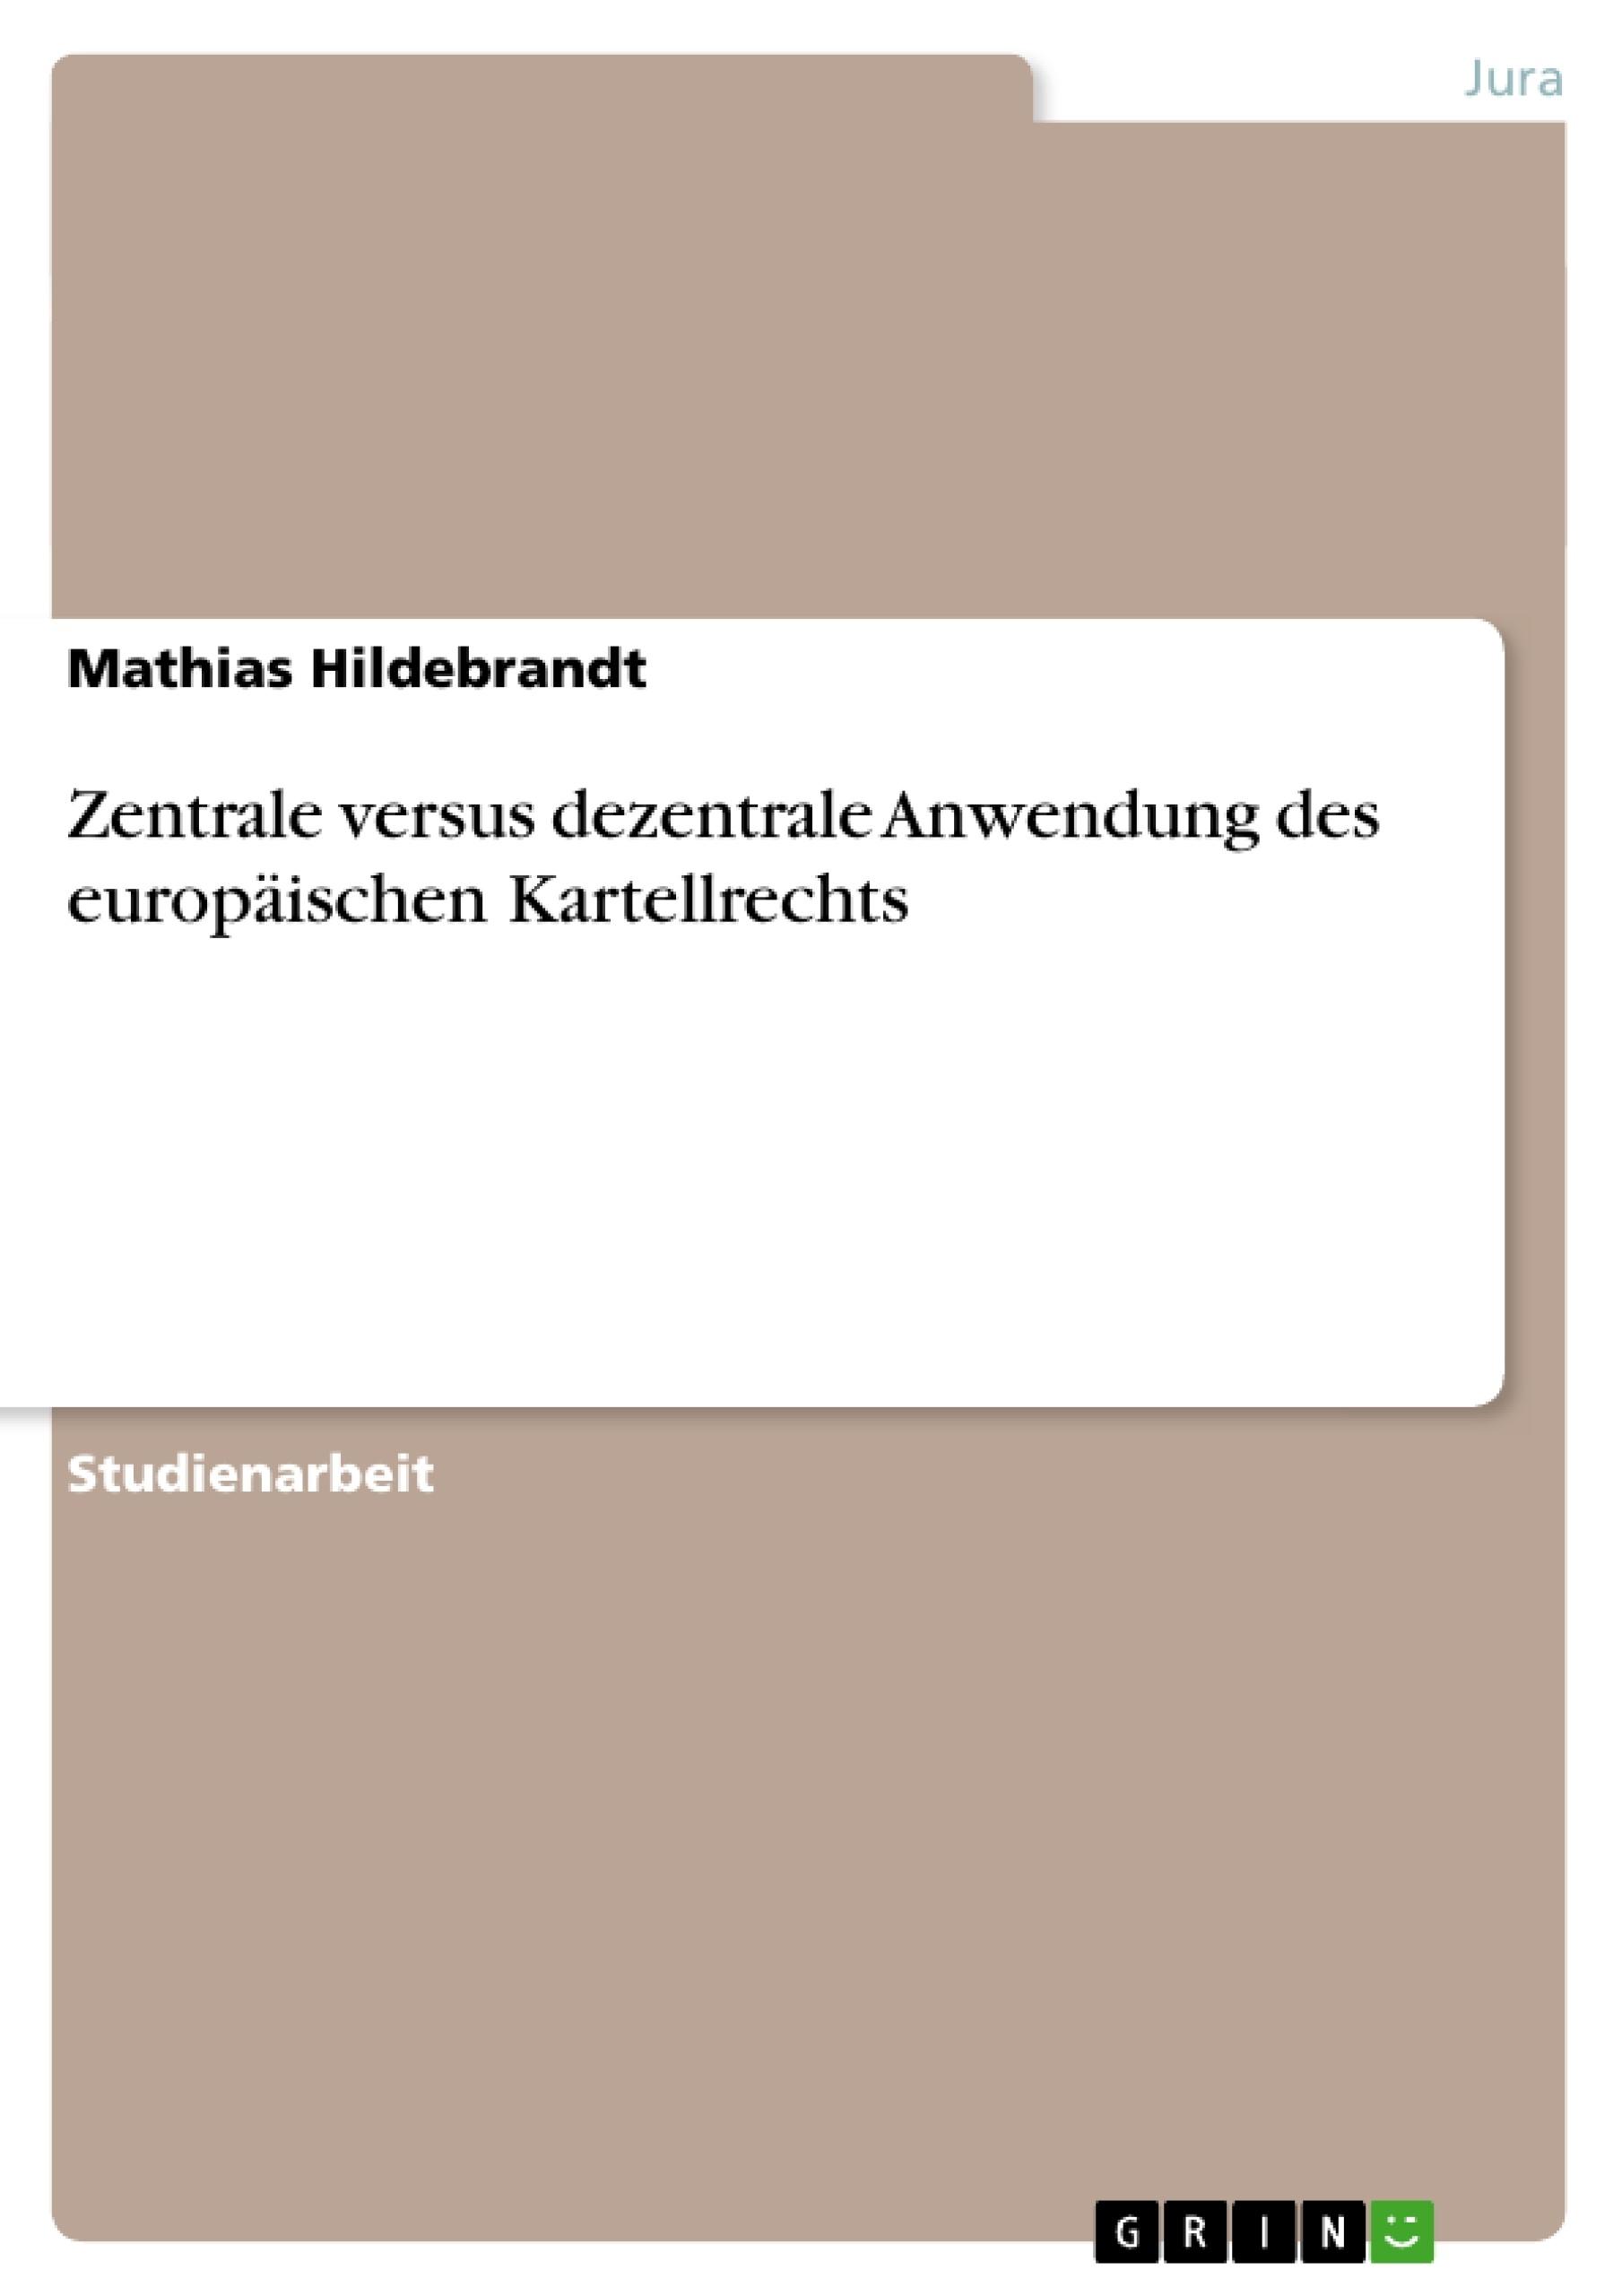 Titel: Zentrale versus dezentrale Anwendung des europäischen Kartellrechts